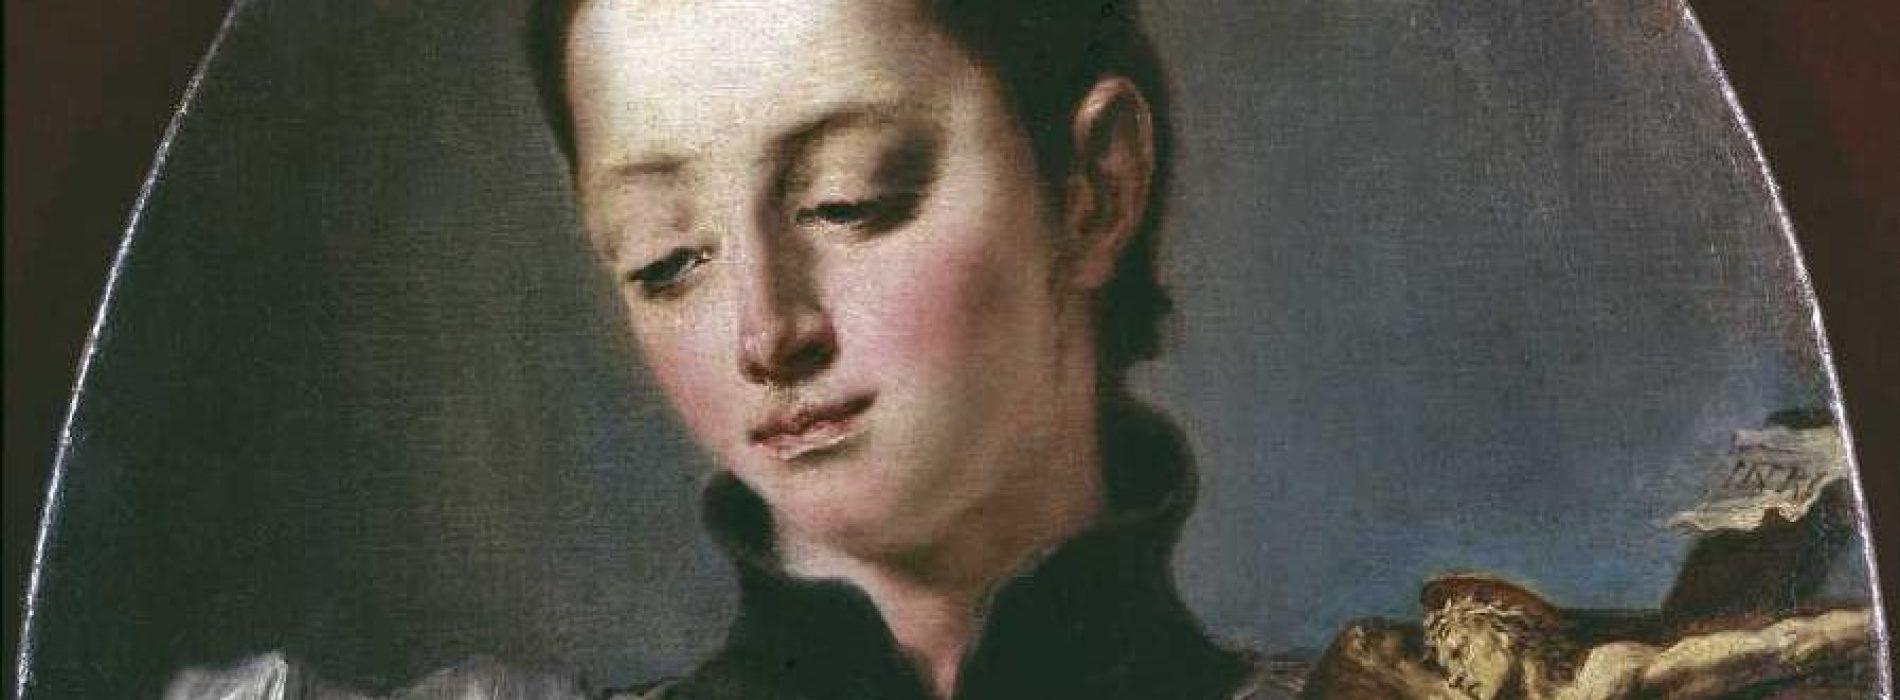 Luigi Gonzaga, il santo morto di peste a 22 anni per dare aiuto